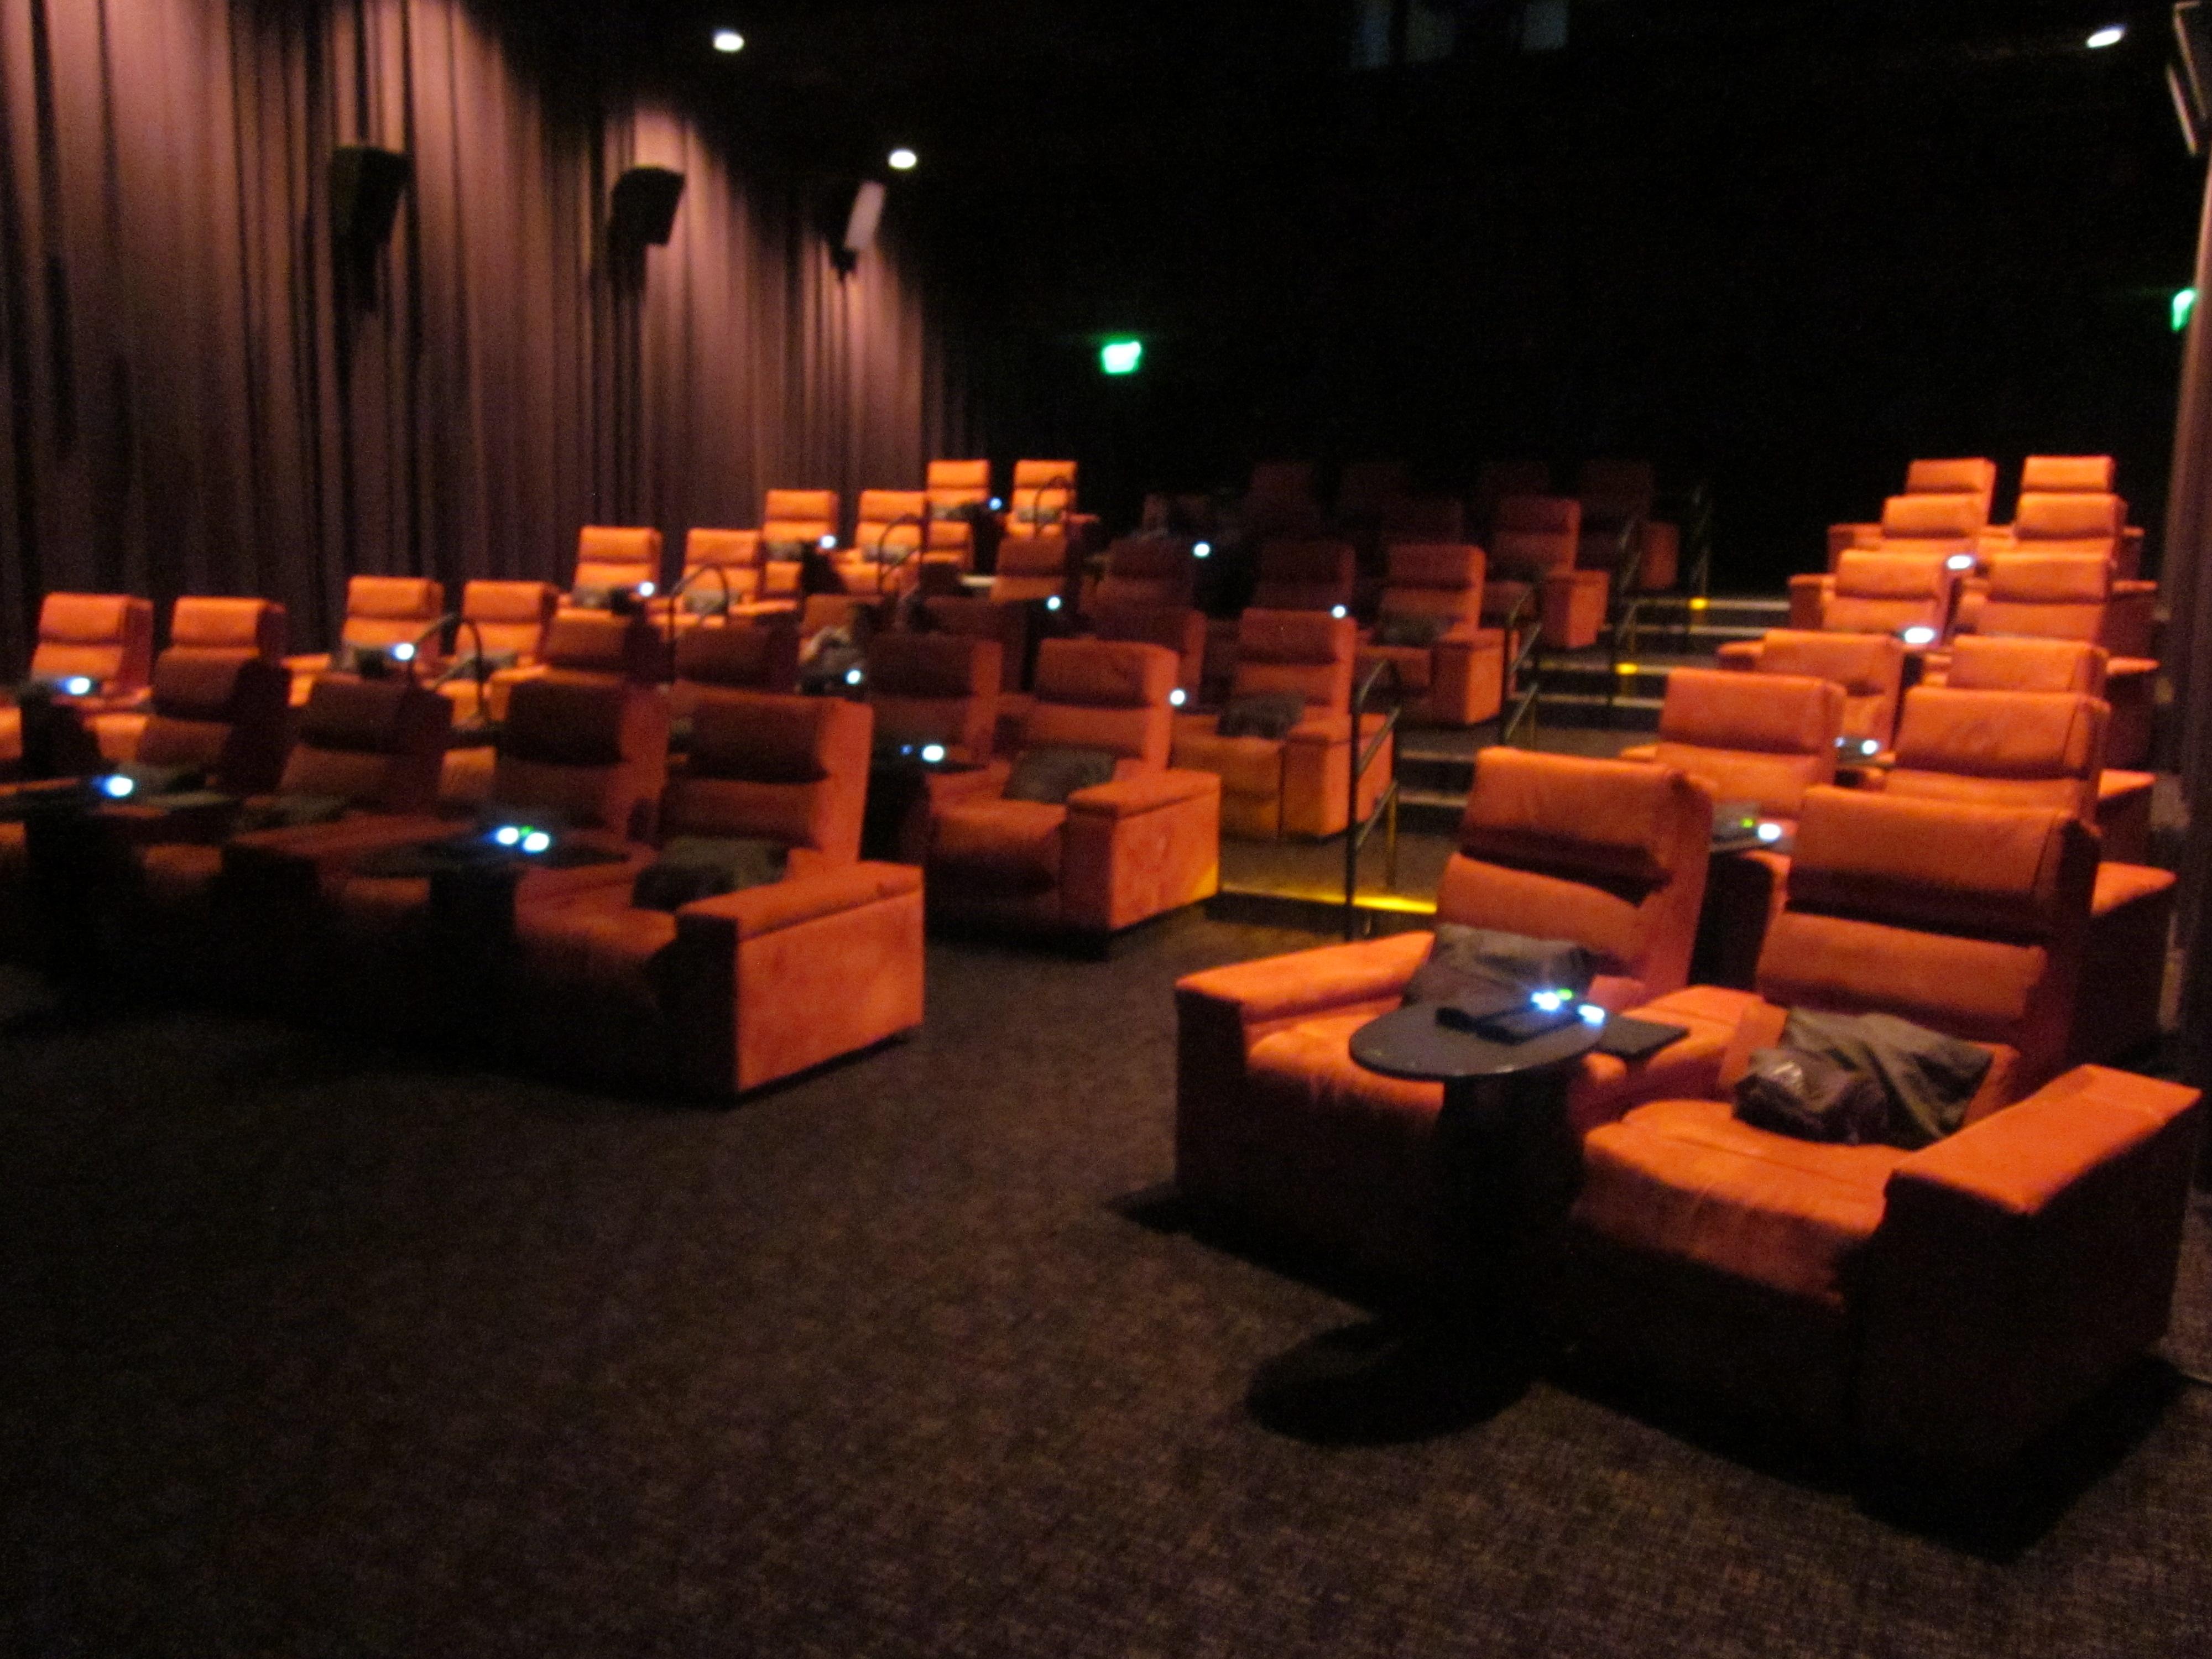 sofa theater pasadena renava hamptons modern outdoor sectional set ipic theaters  mckinley ultimo wedding